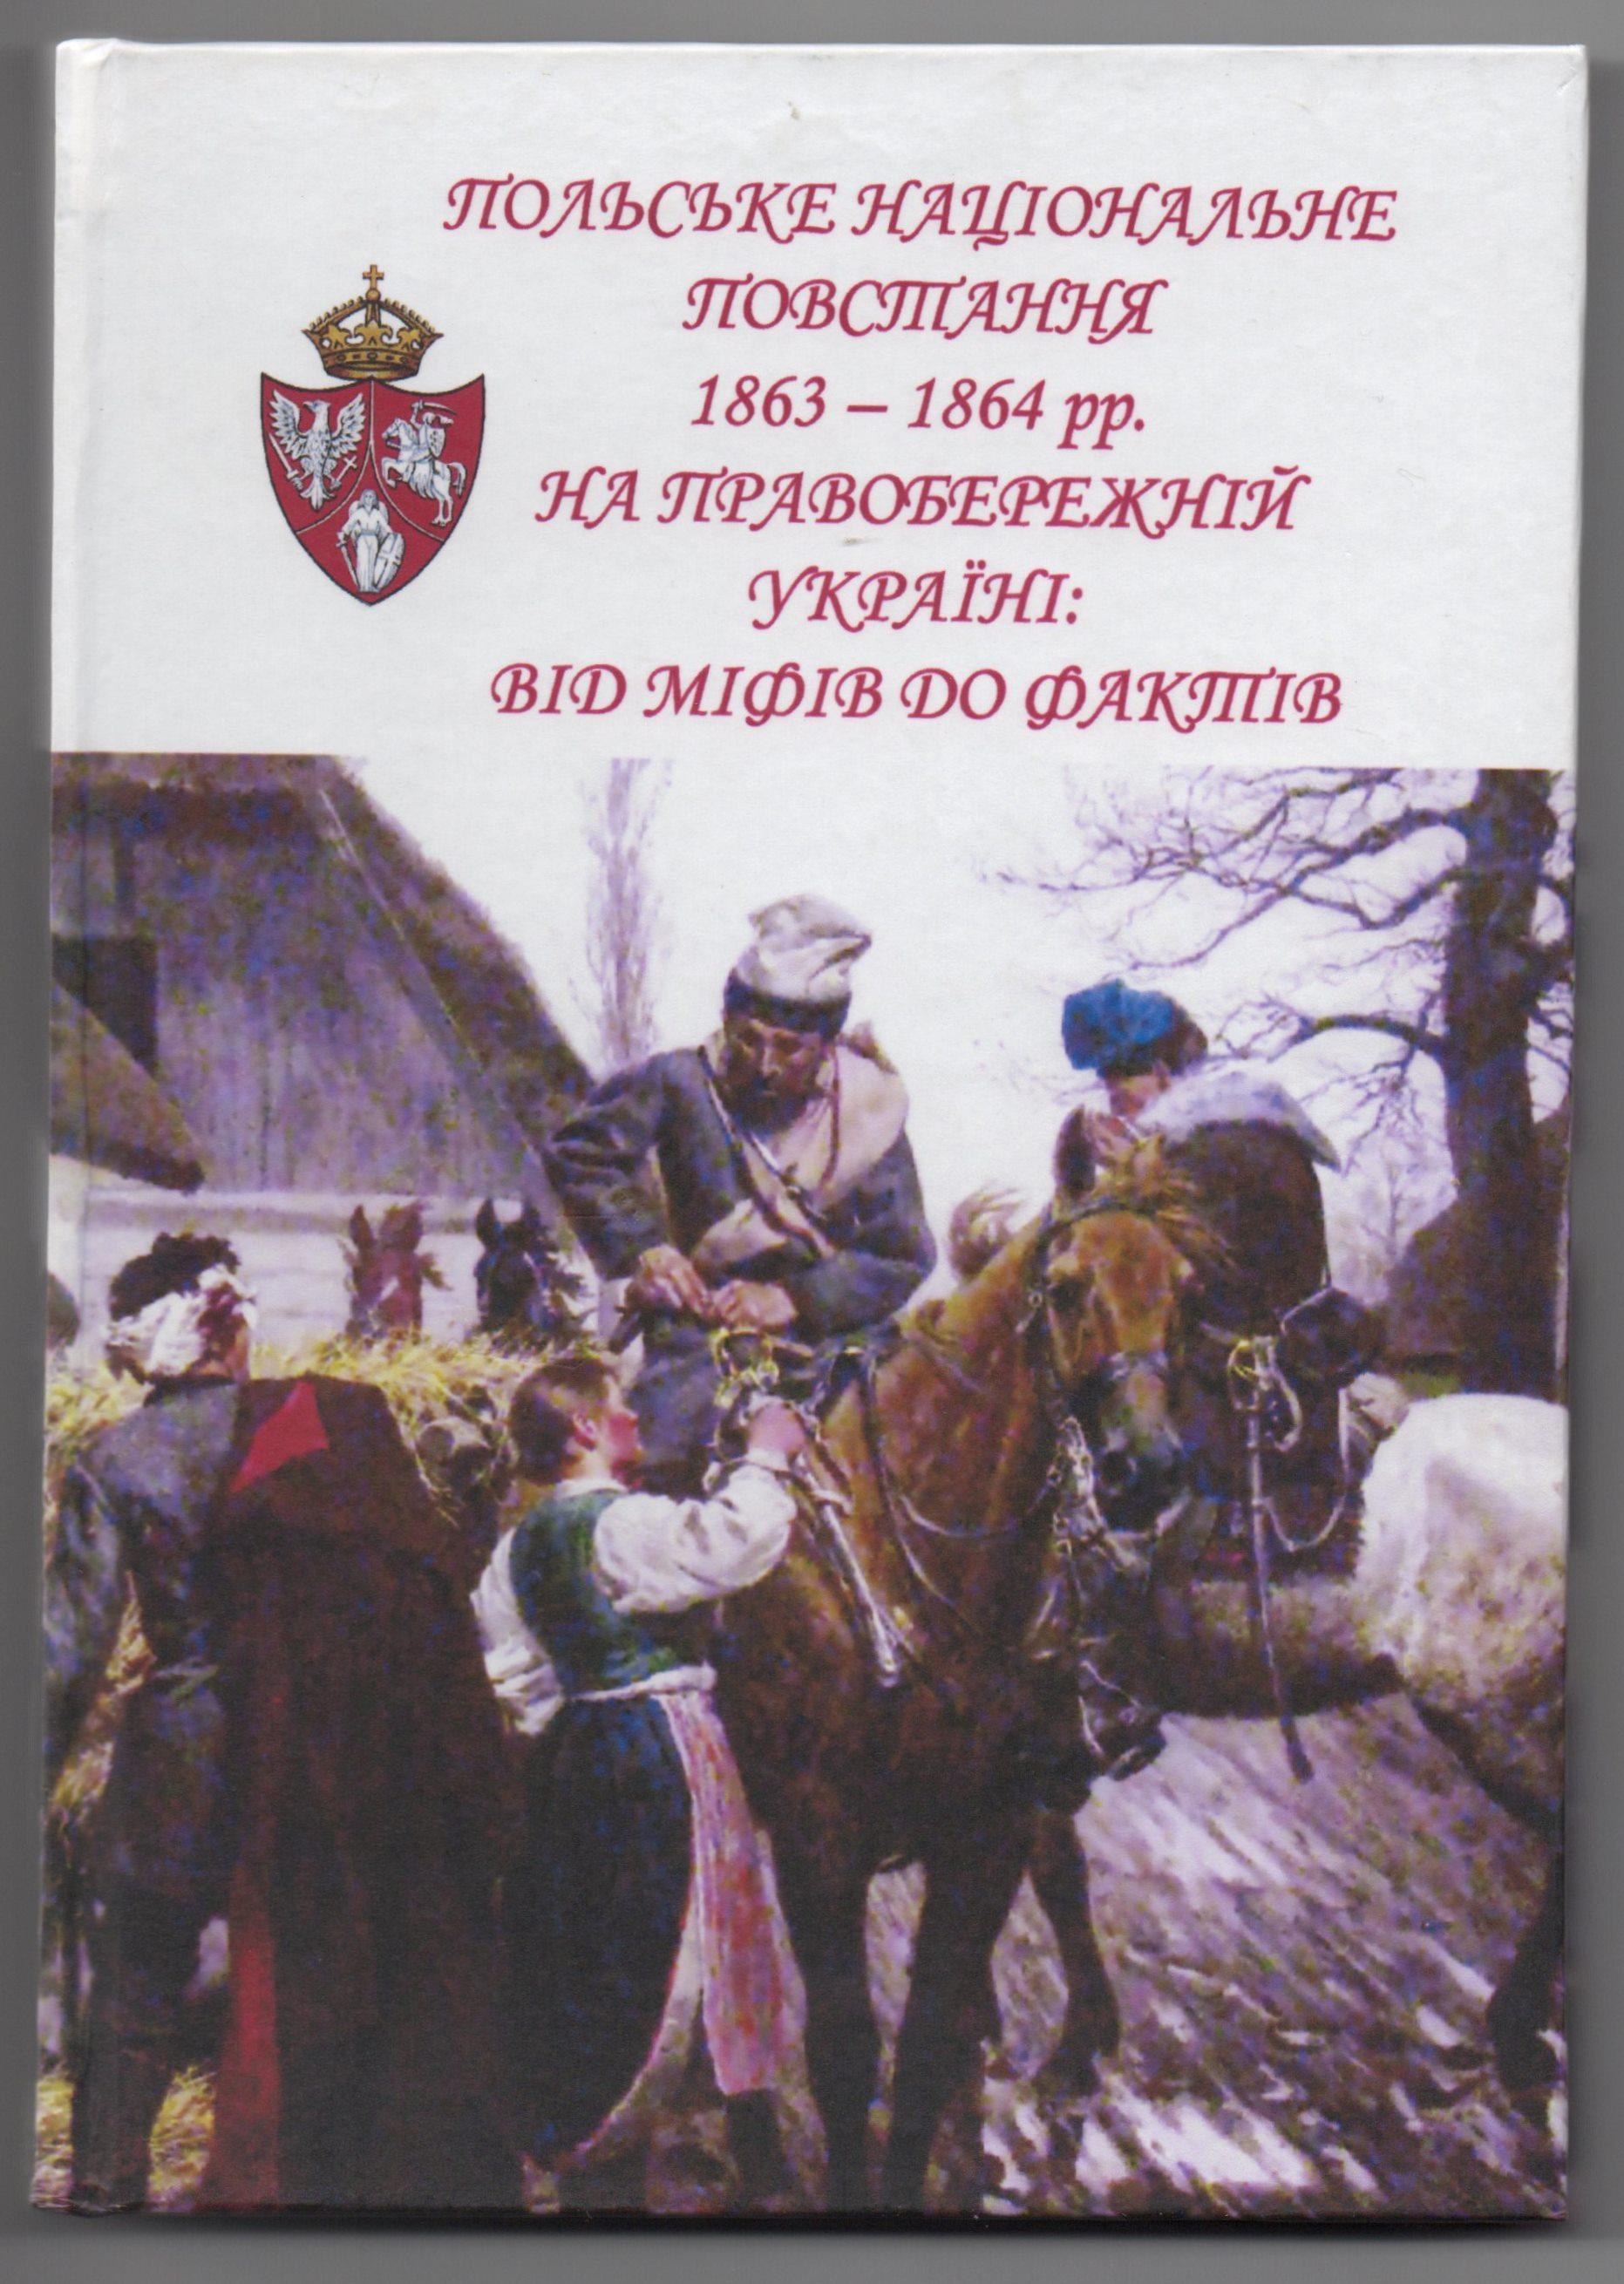 """Книга """"Польське національне повстання 1863-1864 рр. на Правобережній Україні : від міфів до фактів"""""""